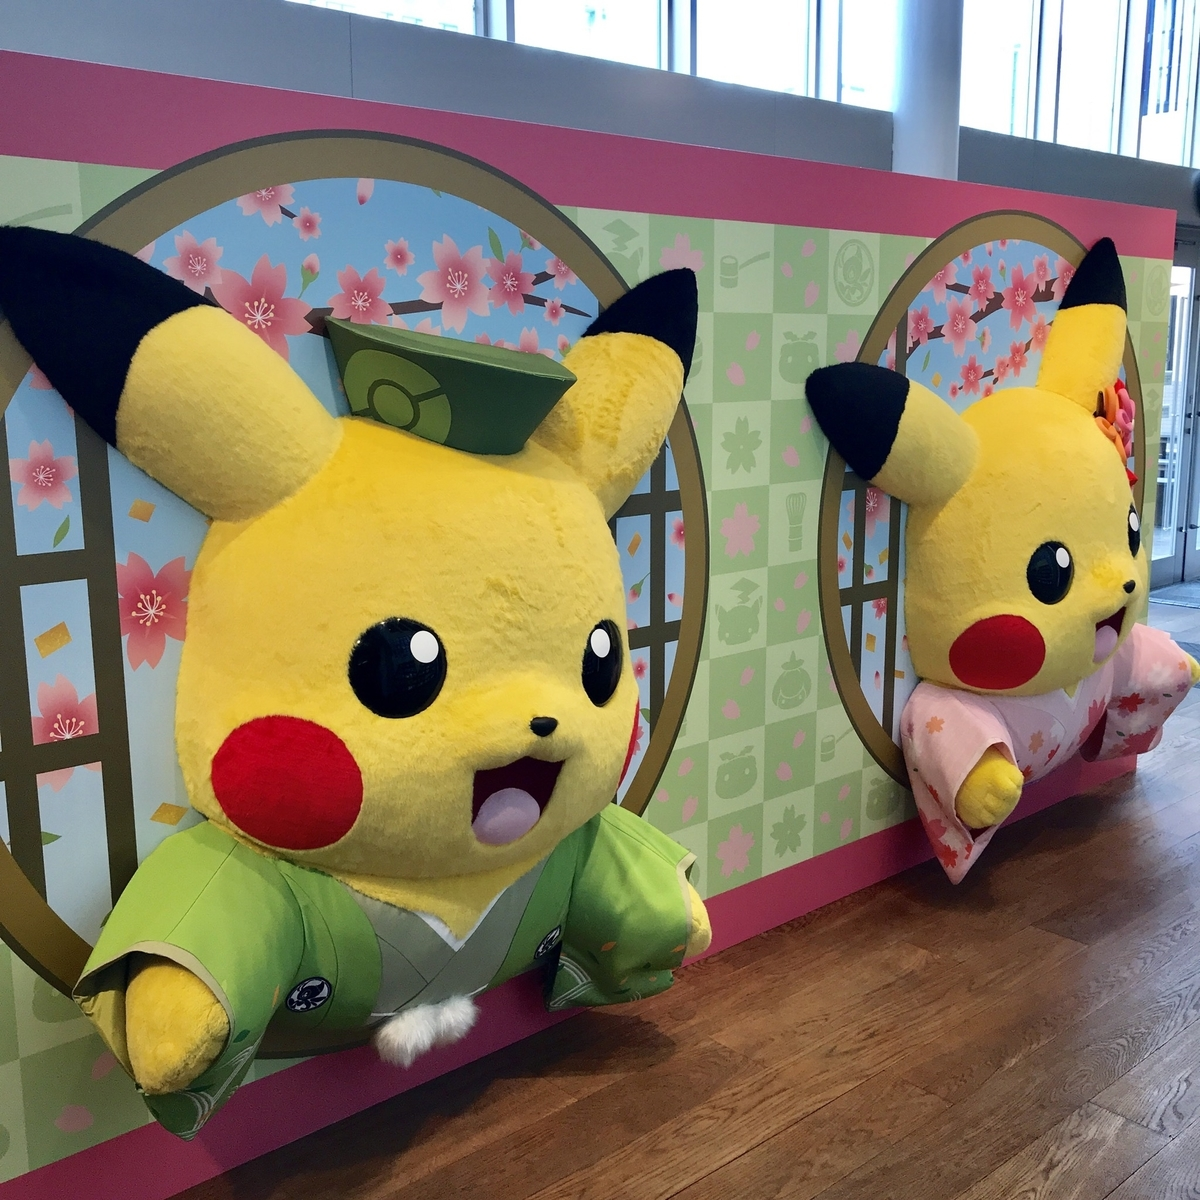 f:id:pikachu_pcn:20190319210848j:plain